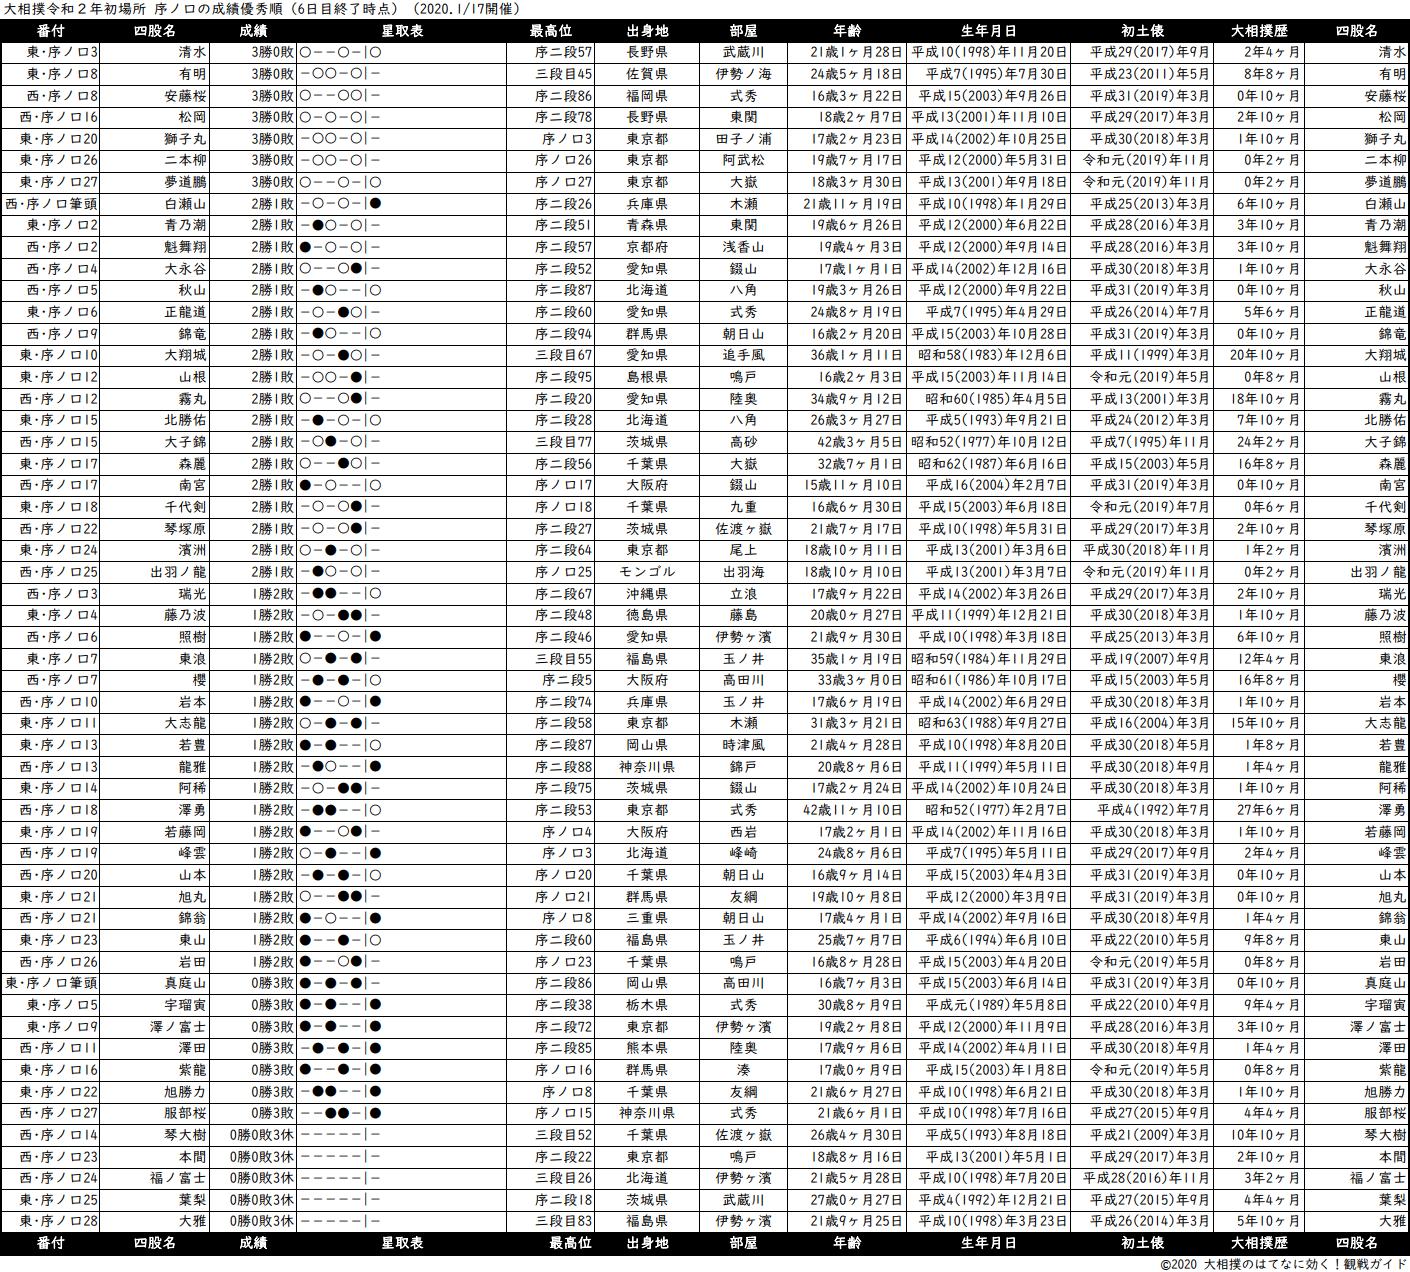 序ノ口成績順一覧表・2020年1月場所6日目